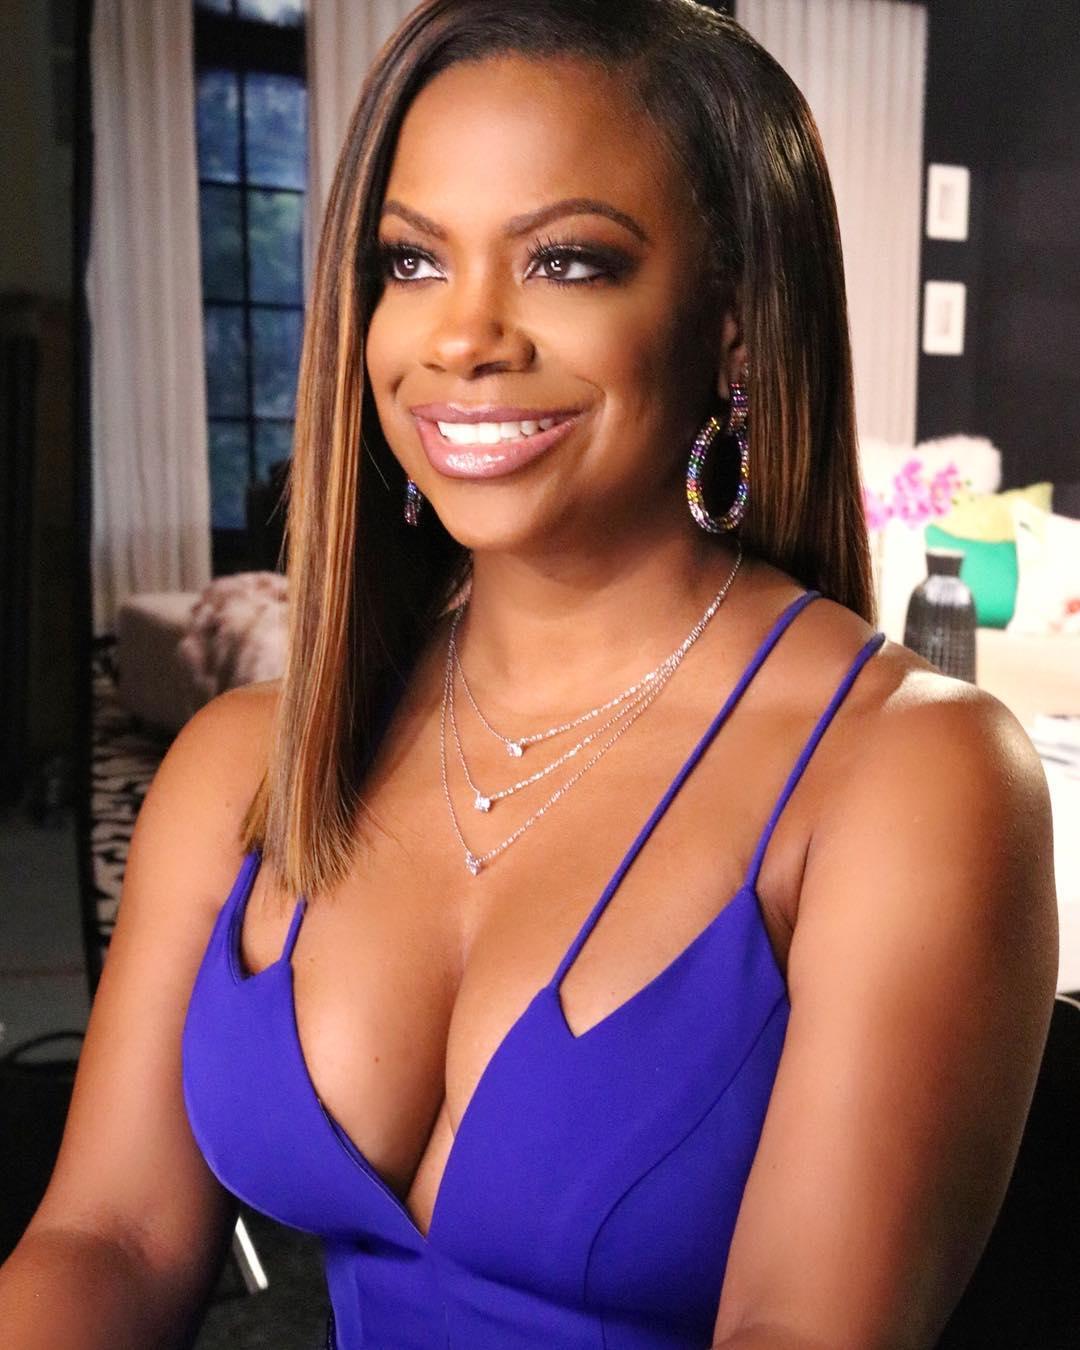 Kandi Burruss sexy cleavage pic